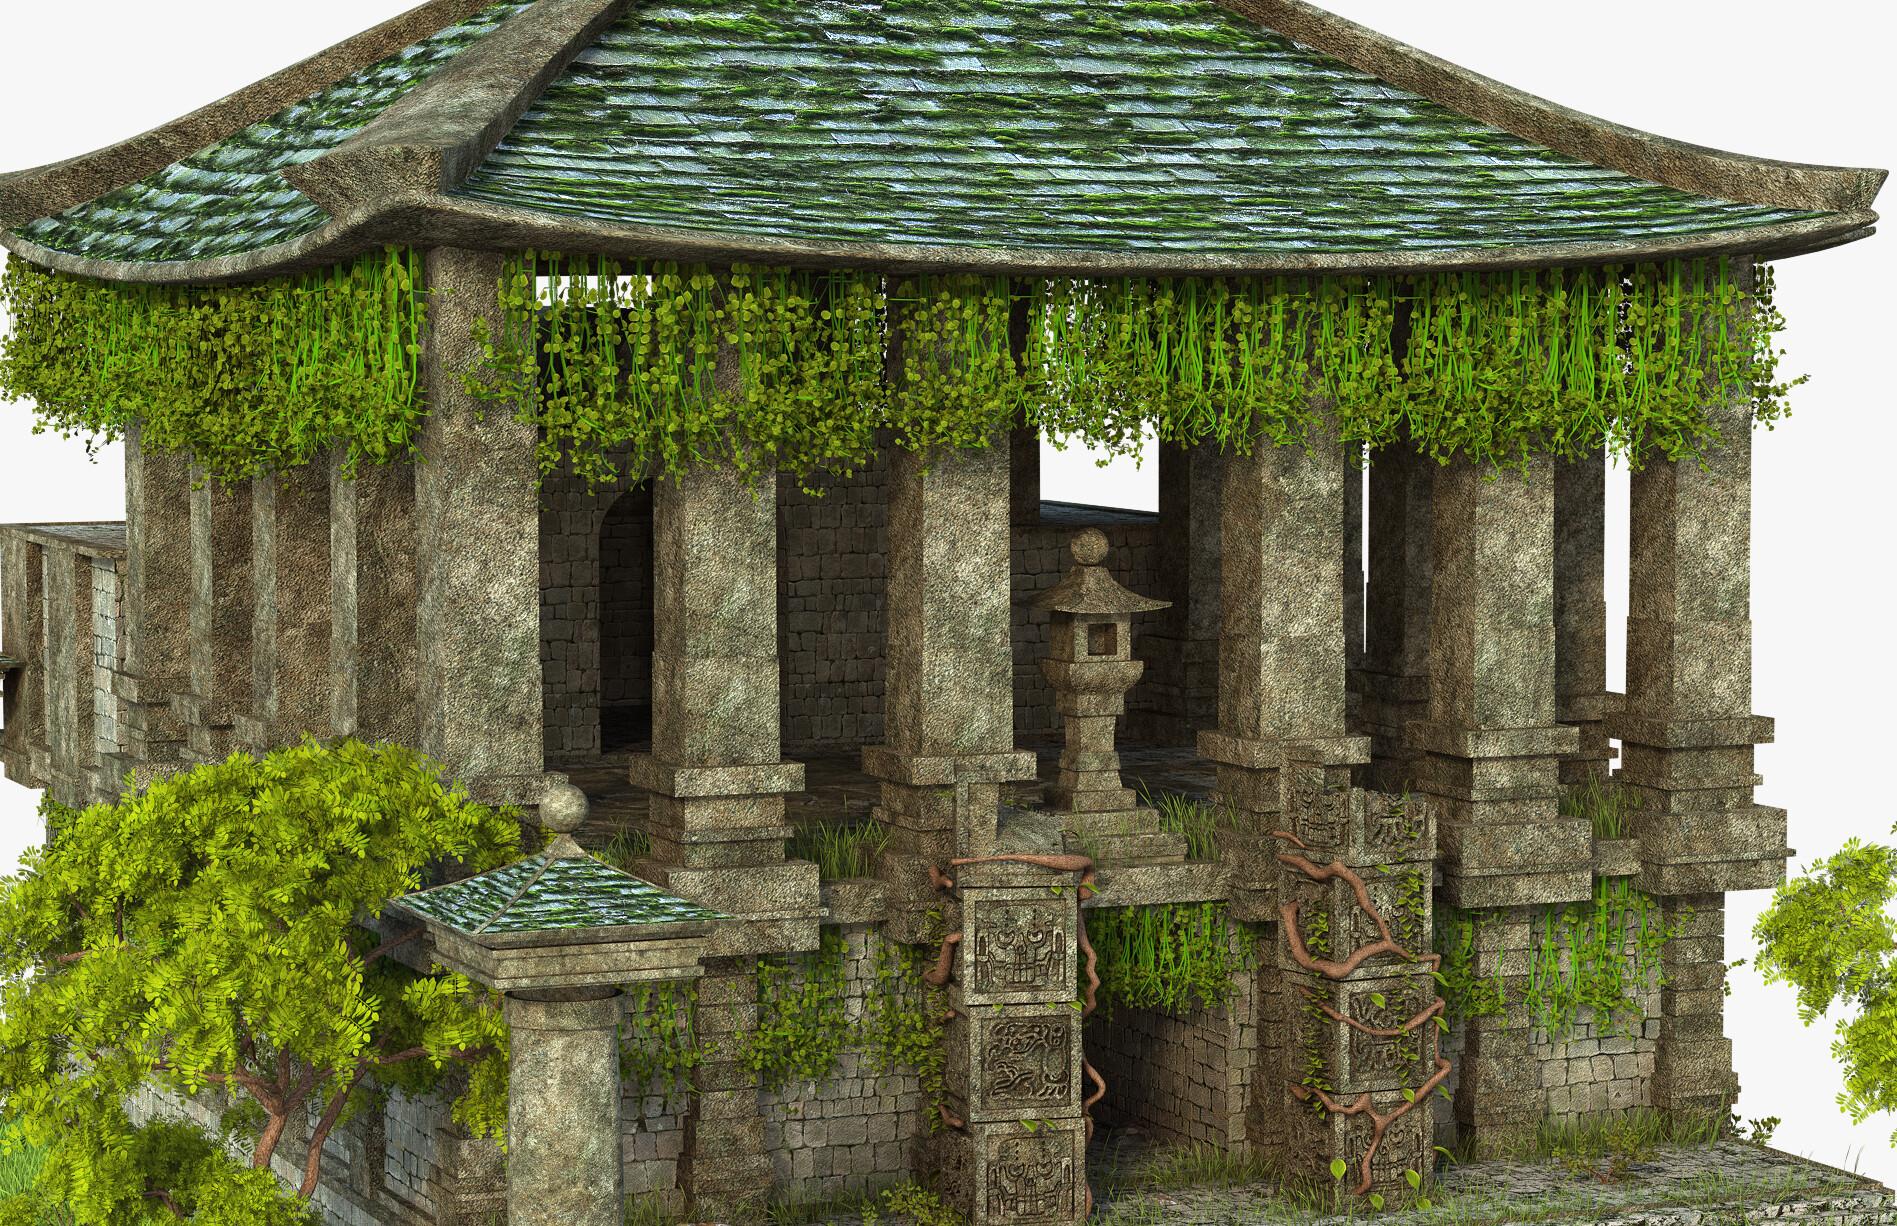 Marc mons temple4